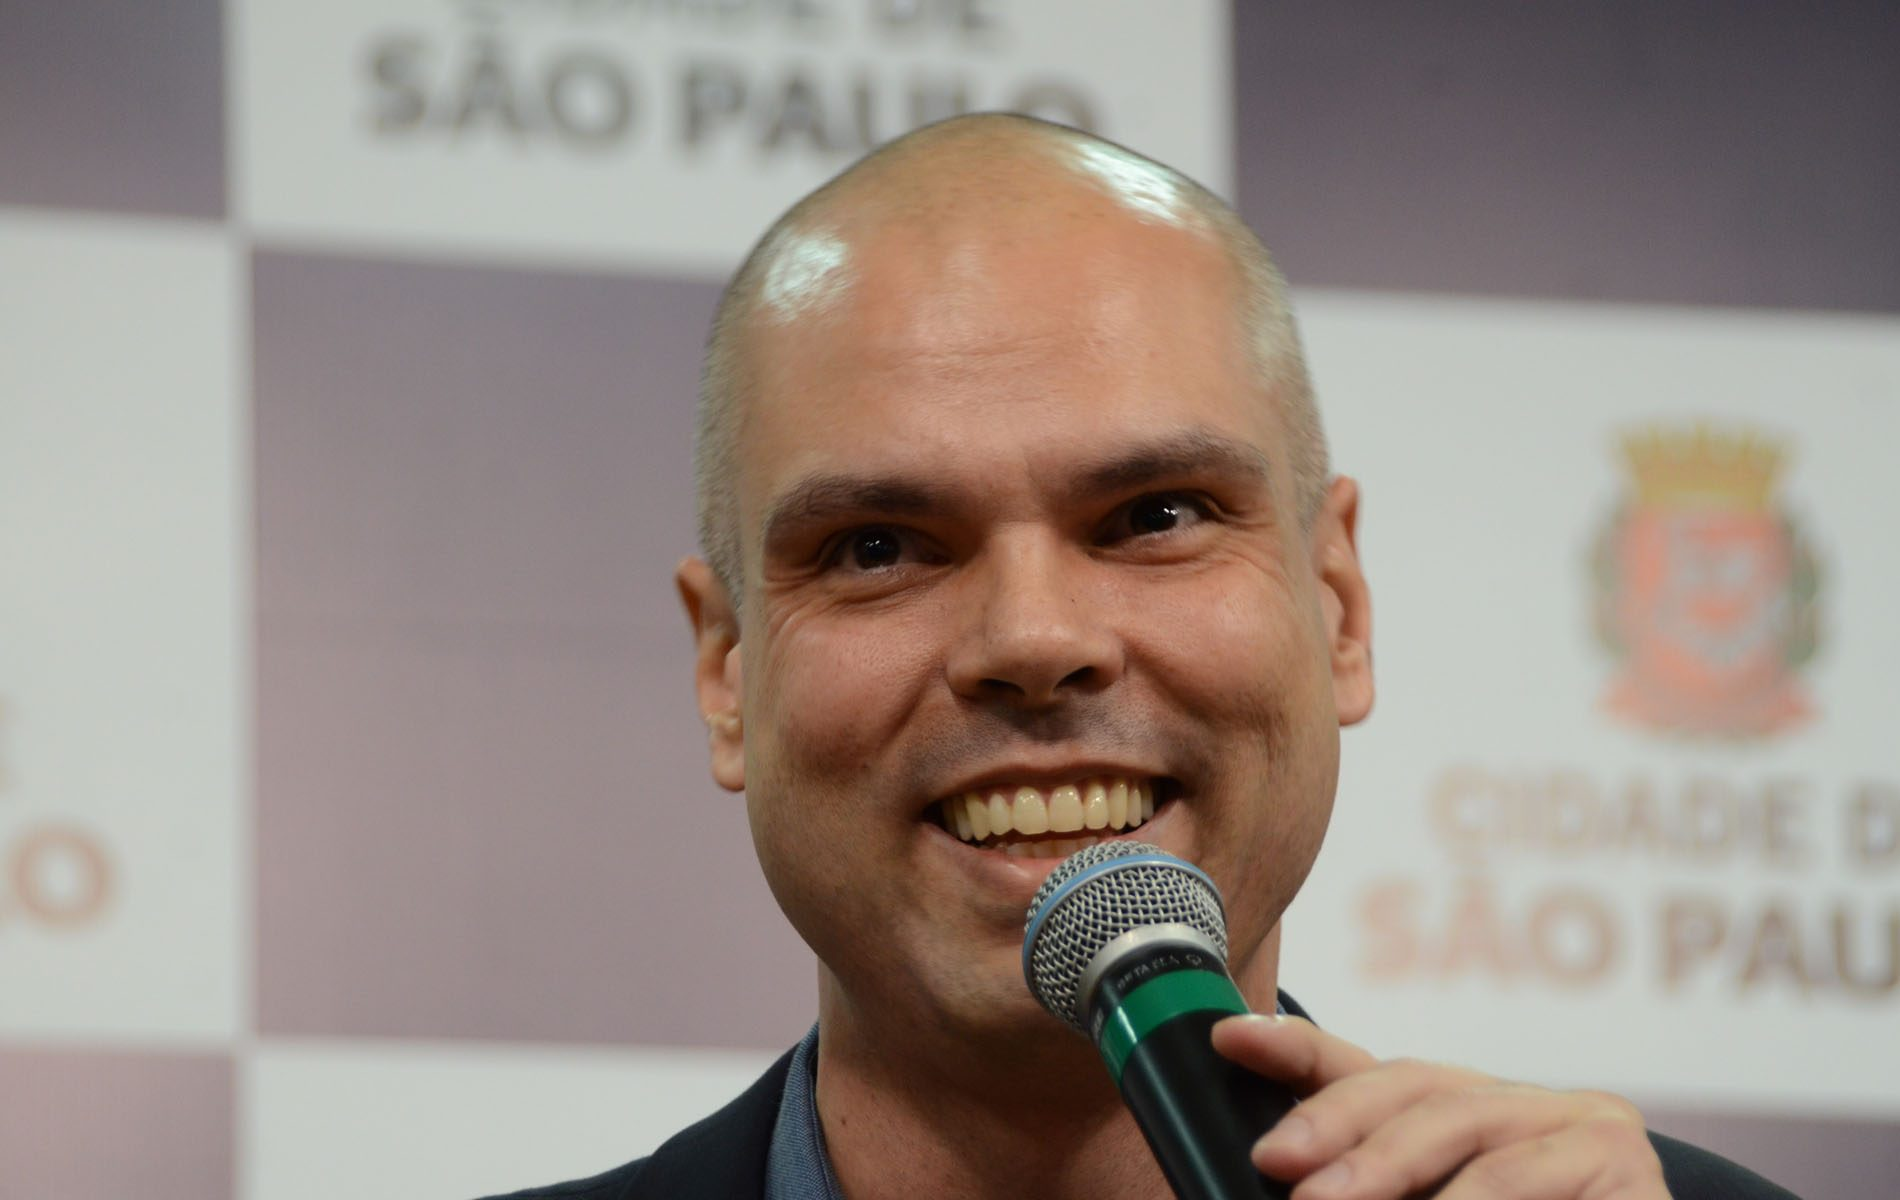 Prefeito vai ocupar o centro do programa Roda Viva (Crédito: Divulgação Prefeitura)